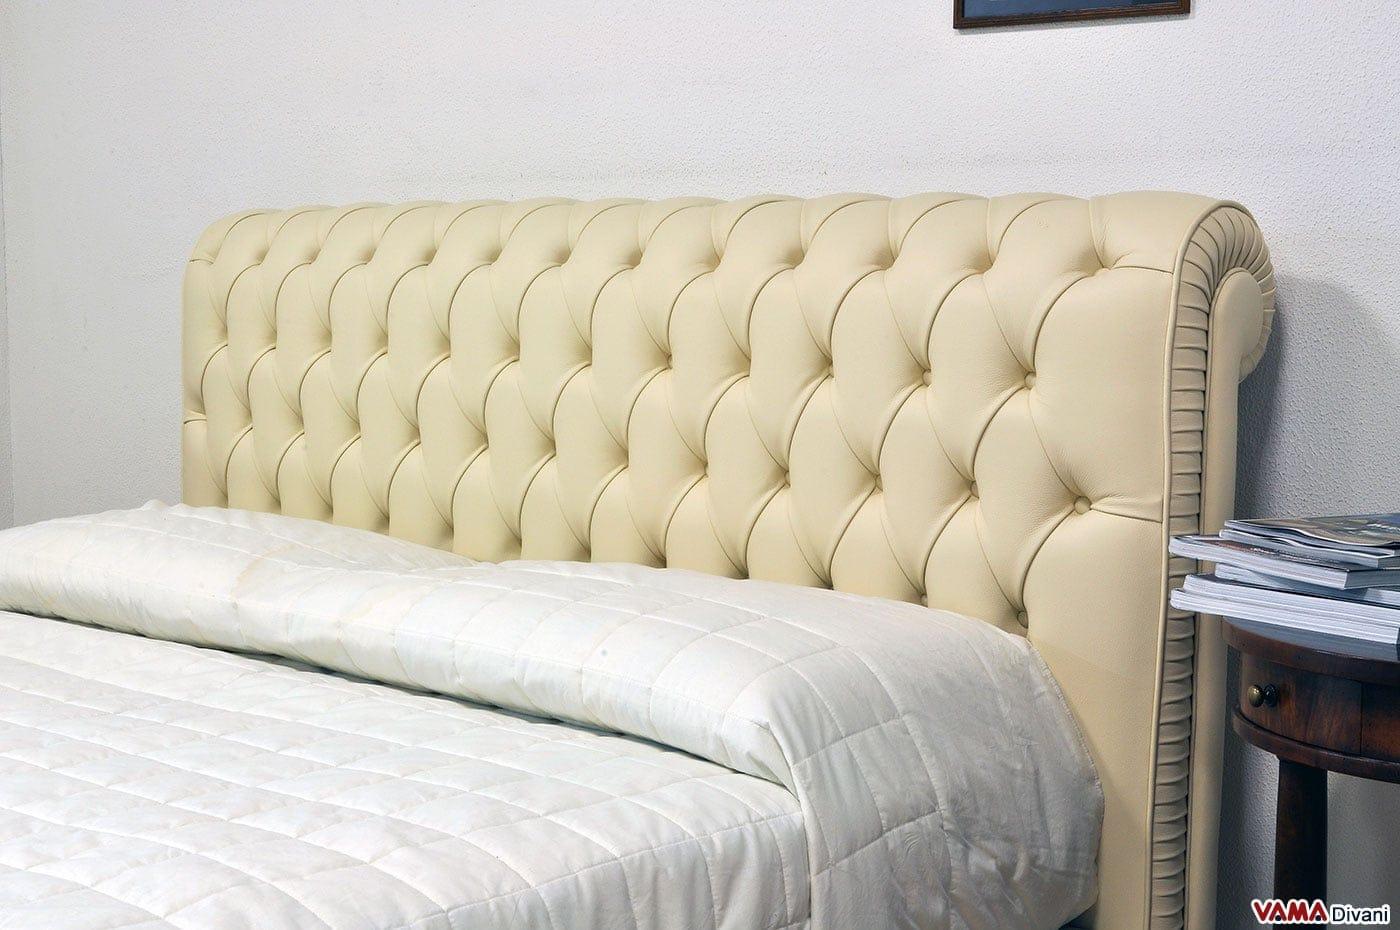 Letto chesterfield matrimoniale in pelle realizzabile su misura - Camere da letto in pelle ...